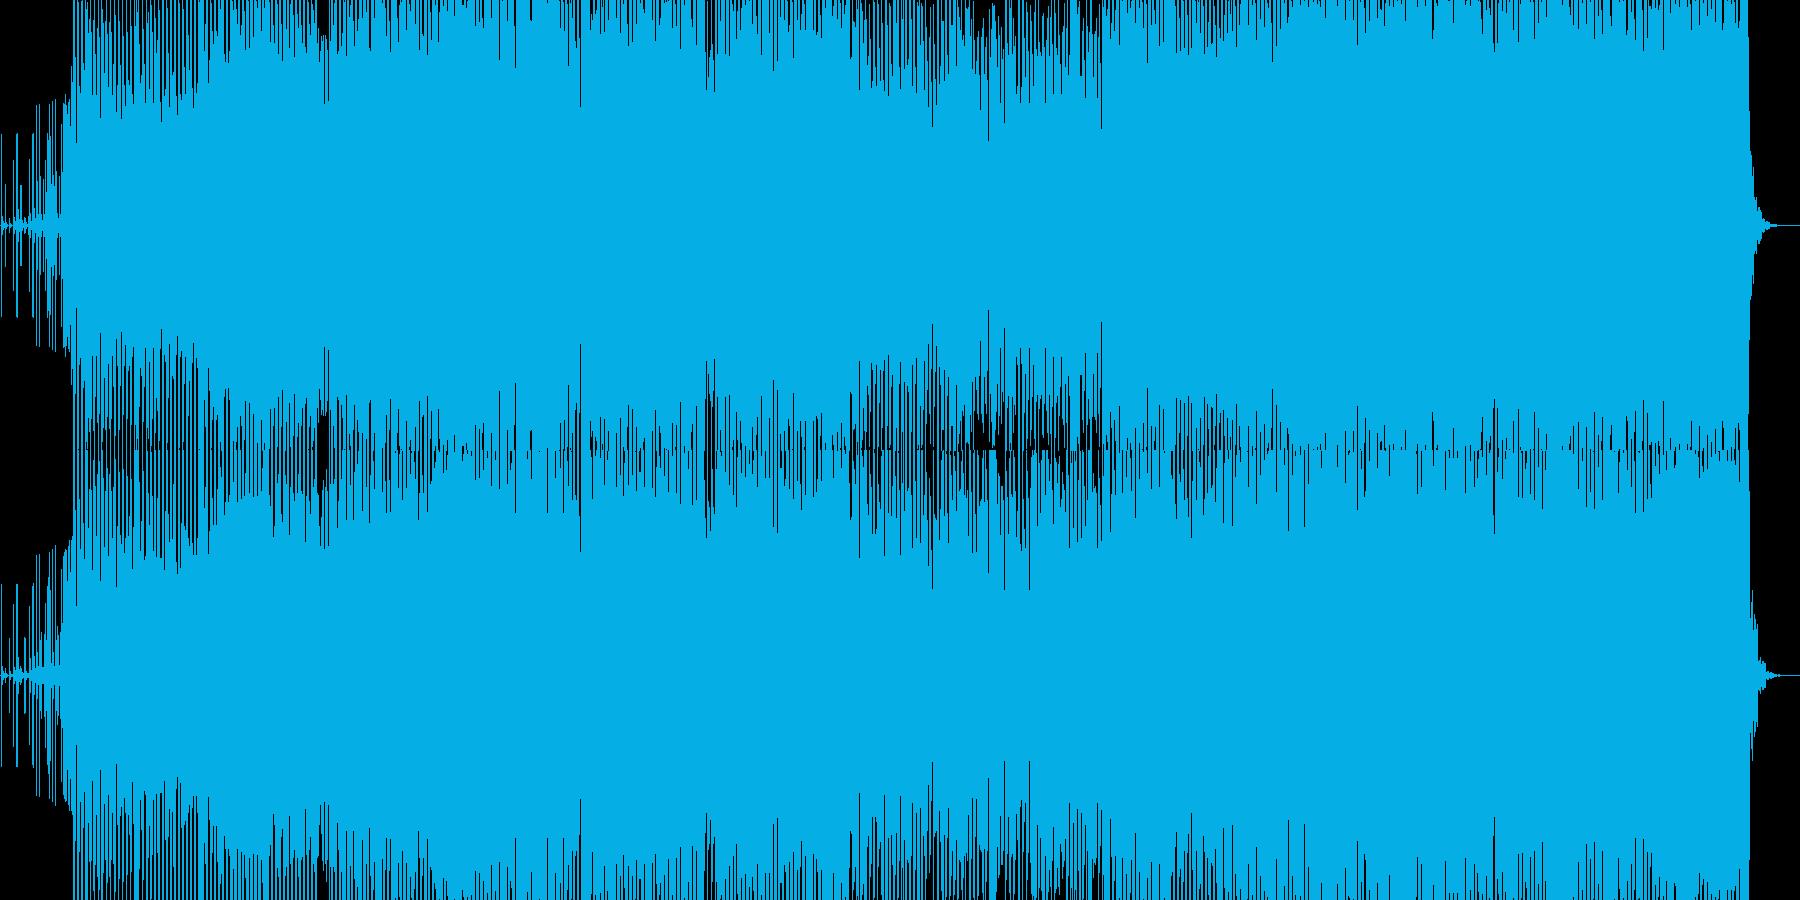 アシッドハウスミュージックその1の再生済みの波形